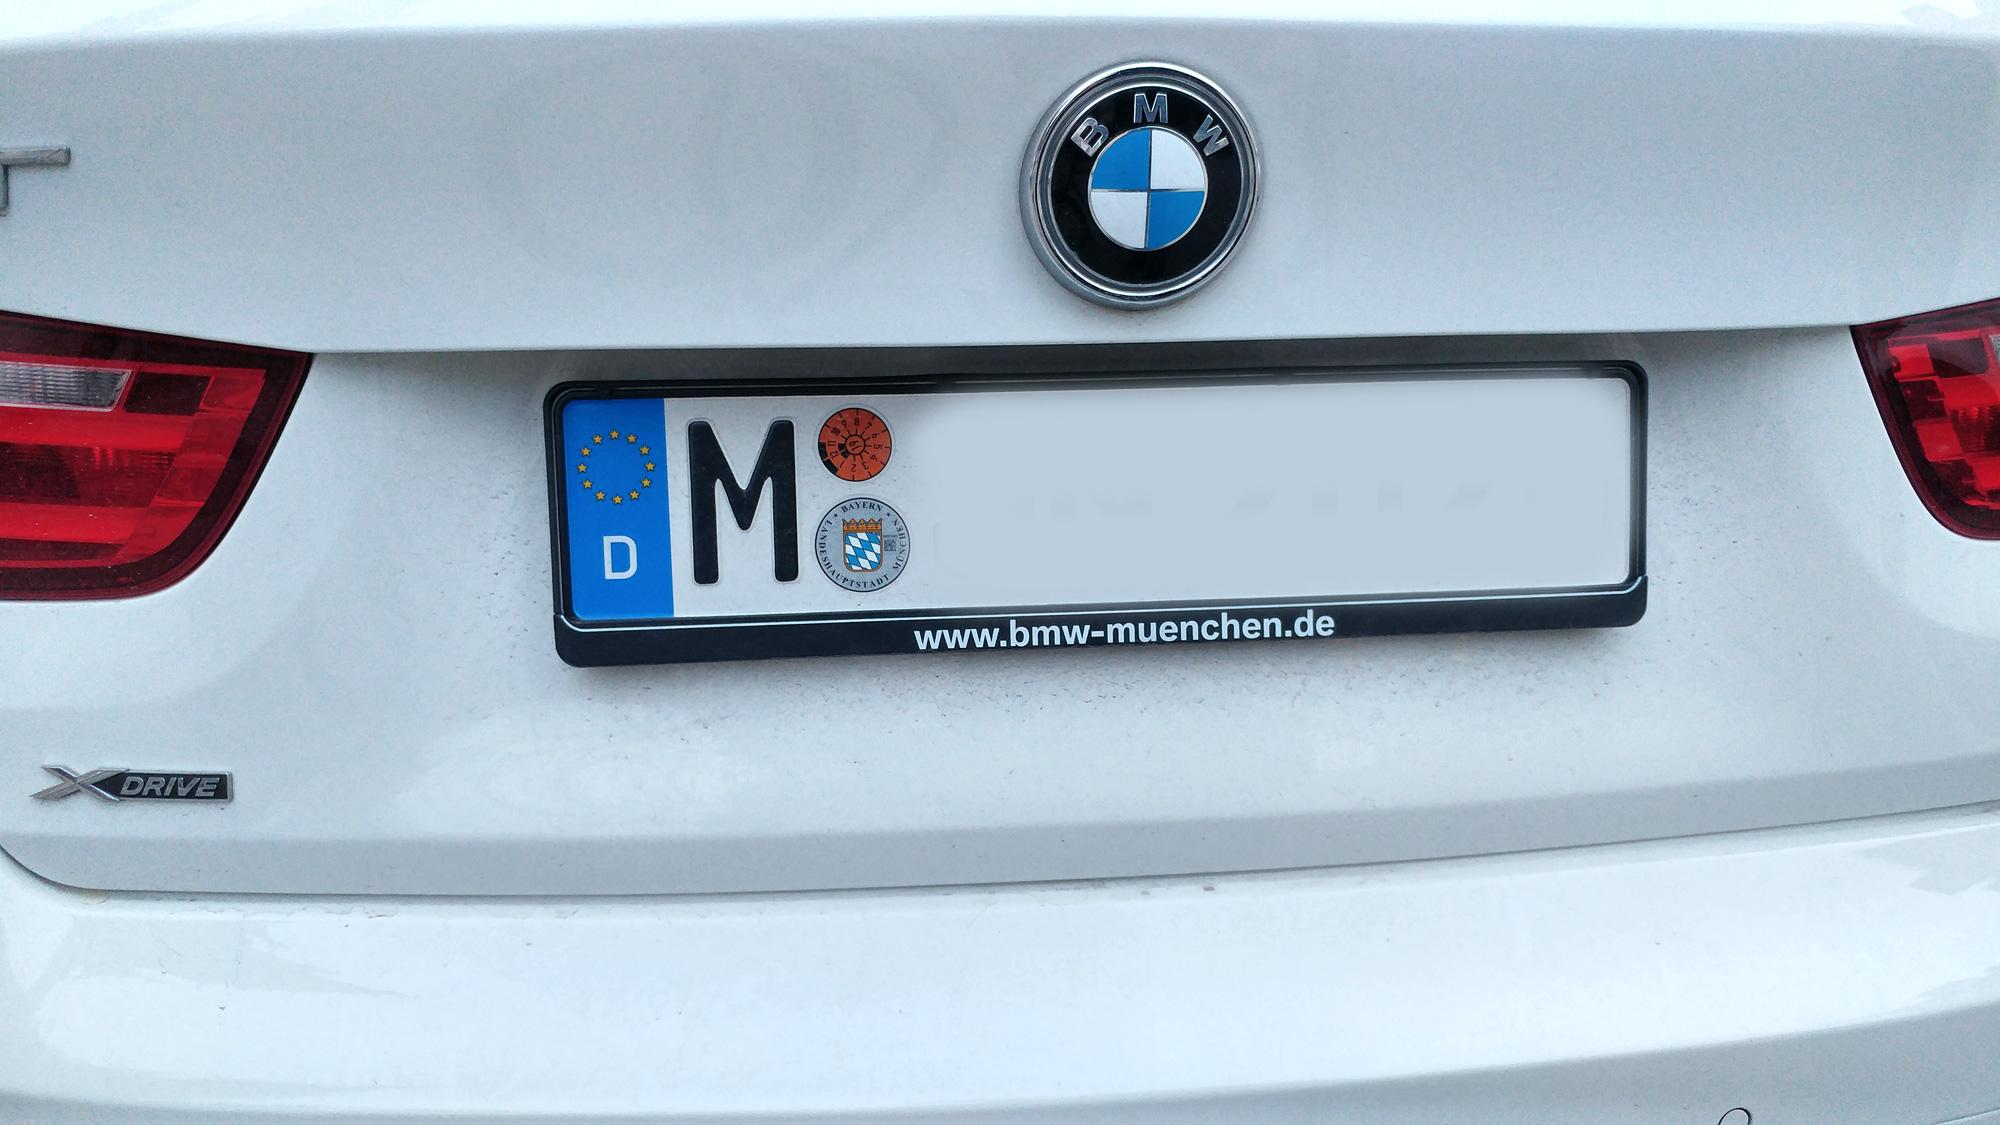 Mai Autokennzeichen